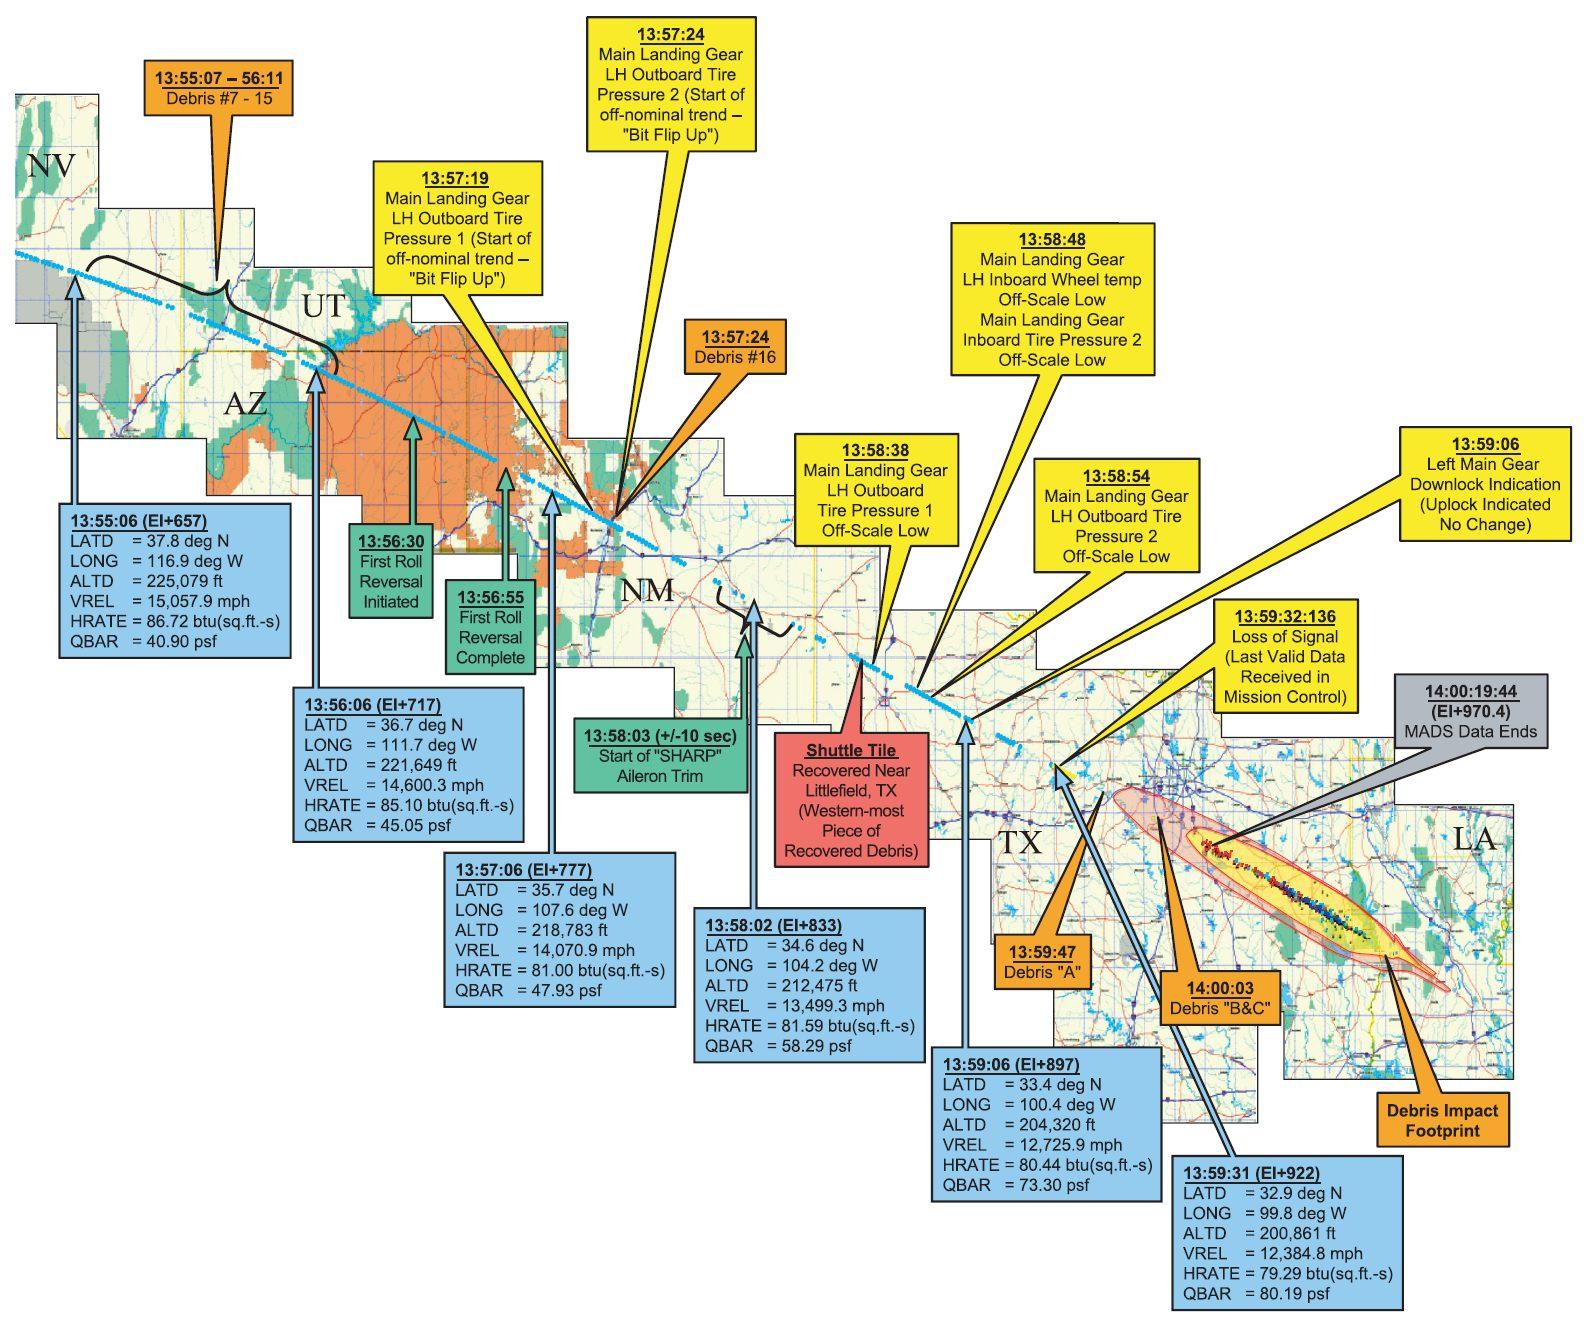 Accident Columbia - Chronologie de la trajectoire de rentrée de la navette Columbia le 1er février 2003 et des anomalies relevées par la commission d'enquête - Débris - CAIB - NASA